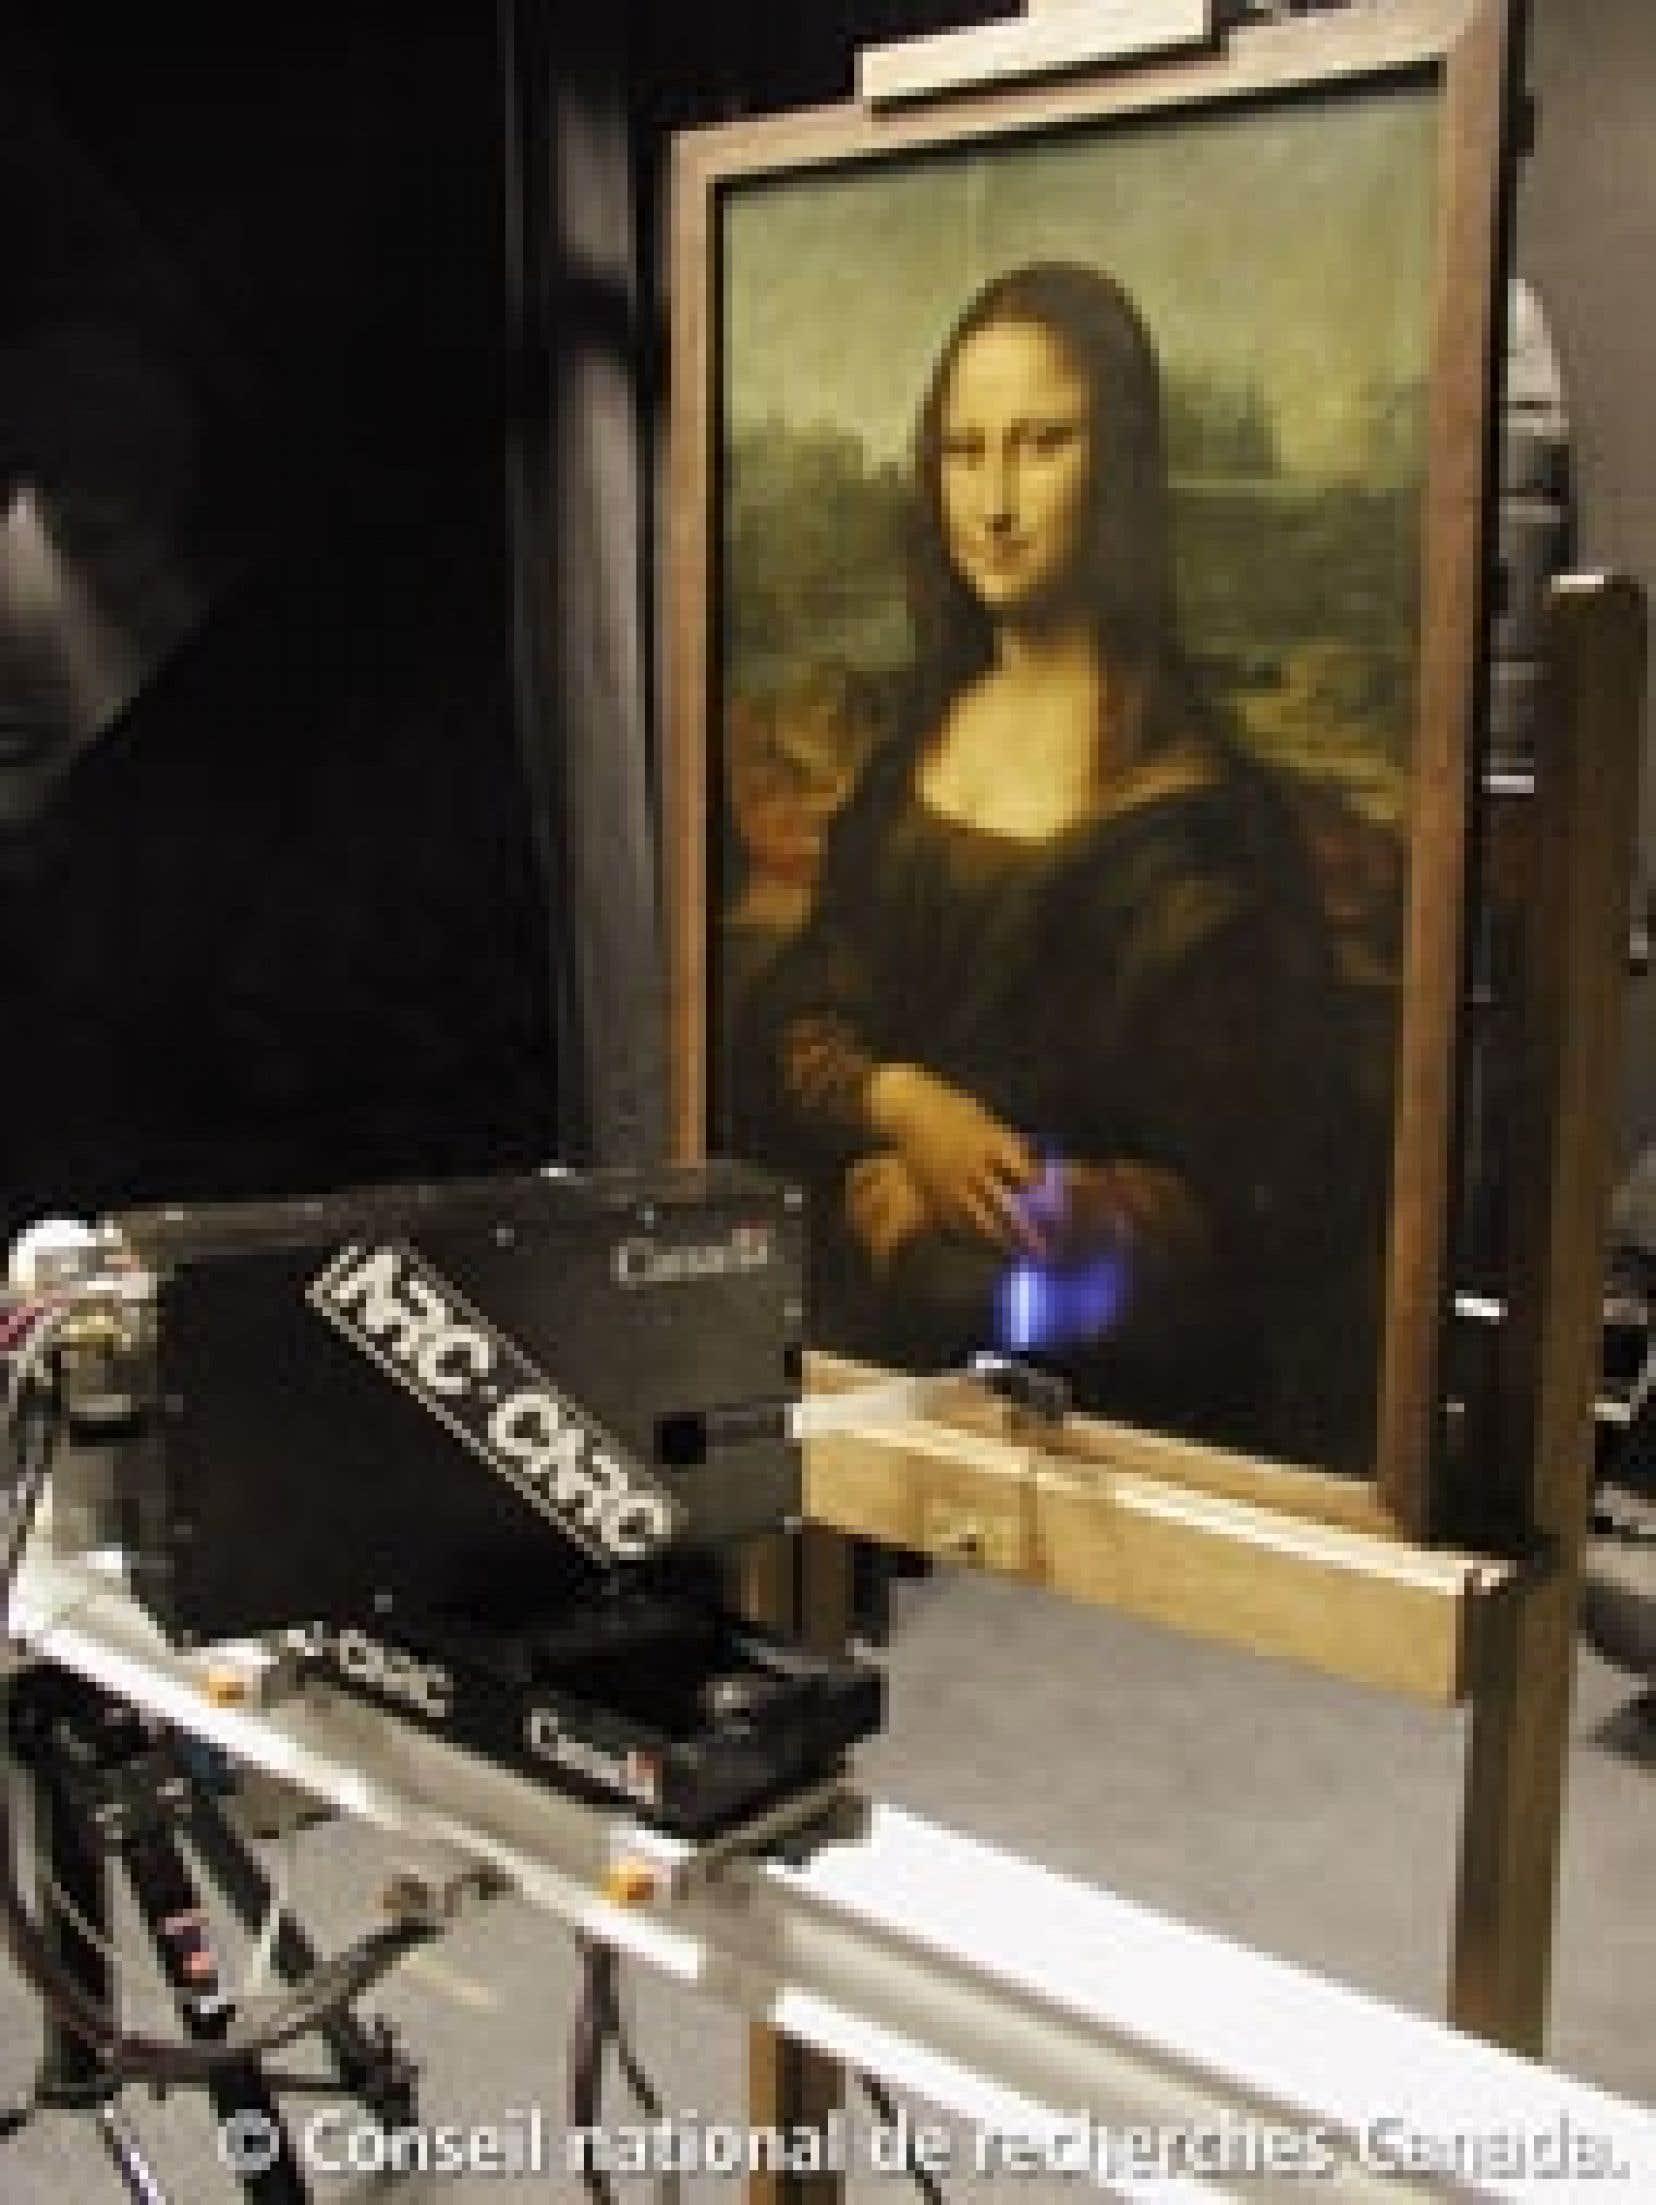 Le scanner laser 3D qui a permis de révéler quelques secrets de la Joconde. Source: CNRC